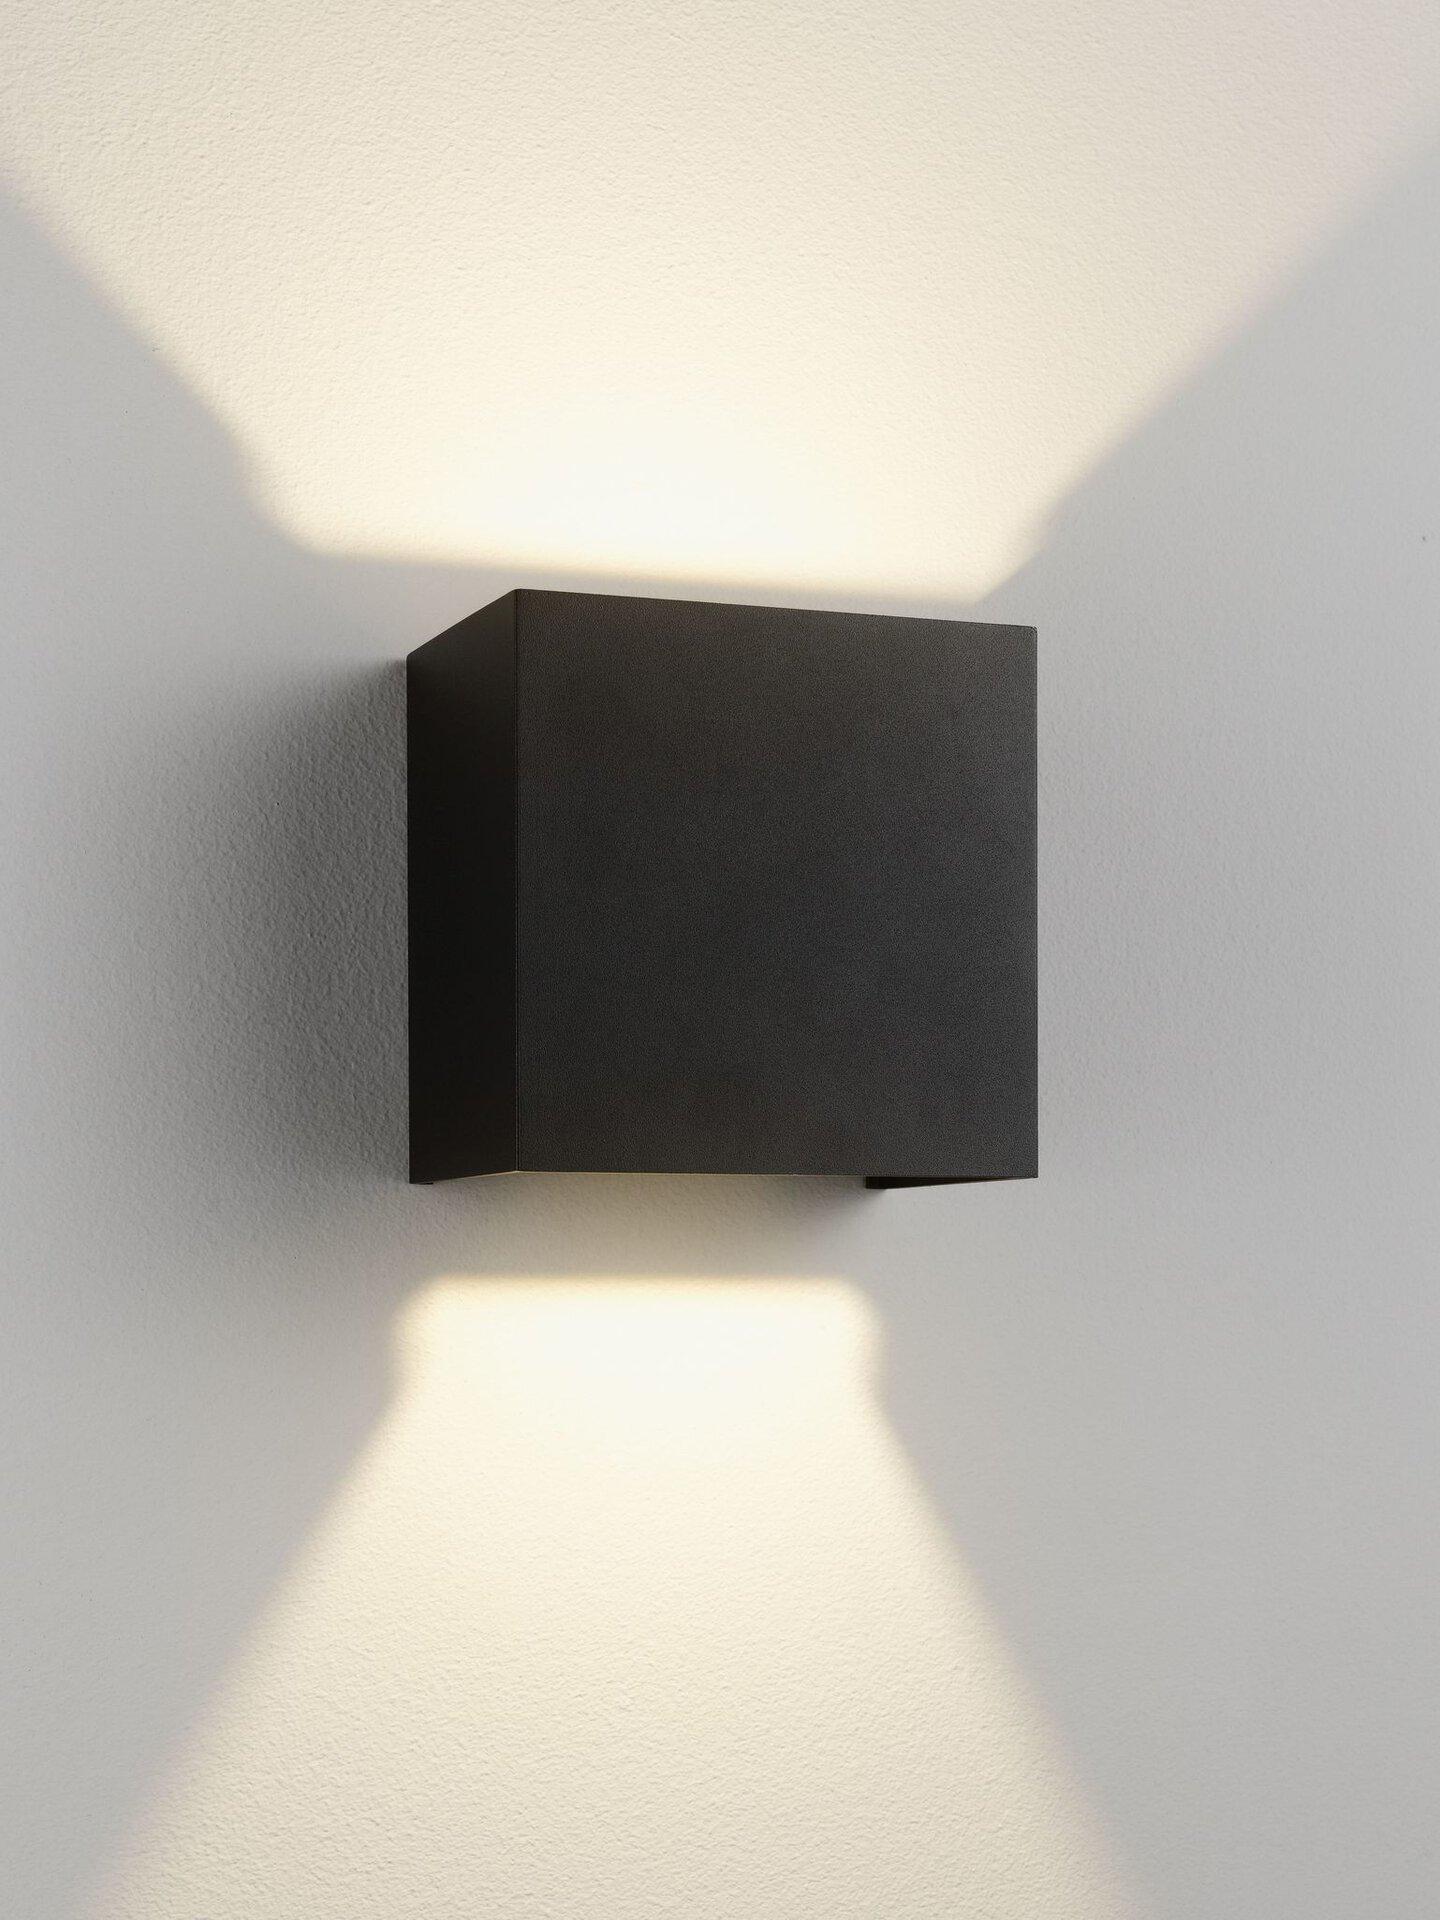 Wand-Aussenleuchte Cubi Casa Nova Metall grau 15 x 10 x 15 cm